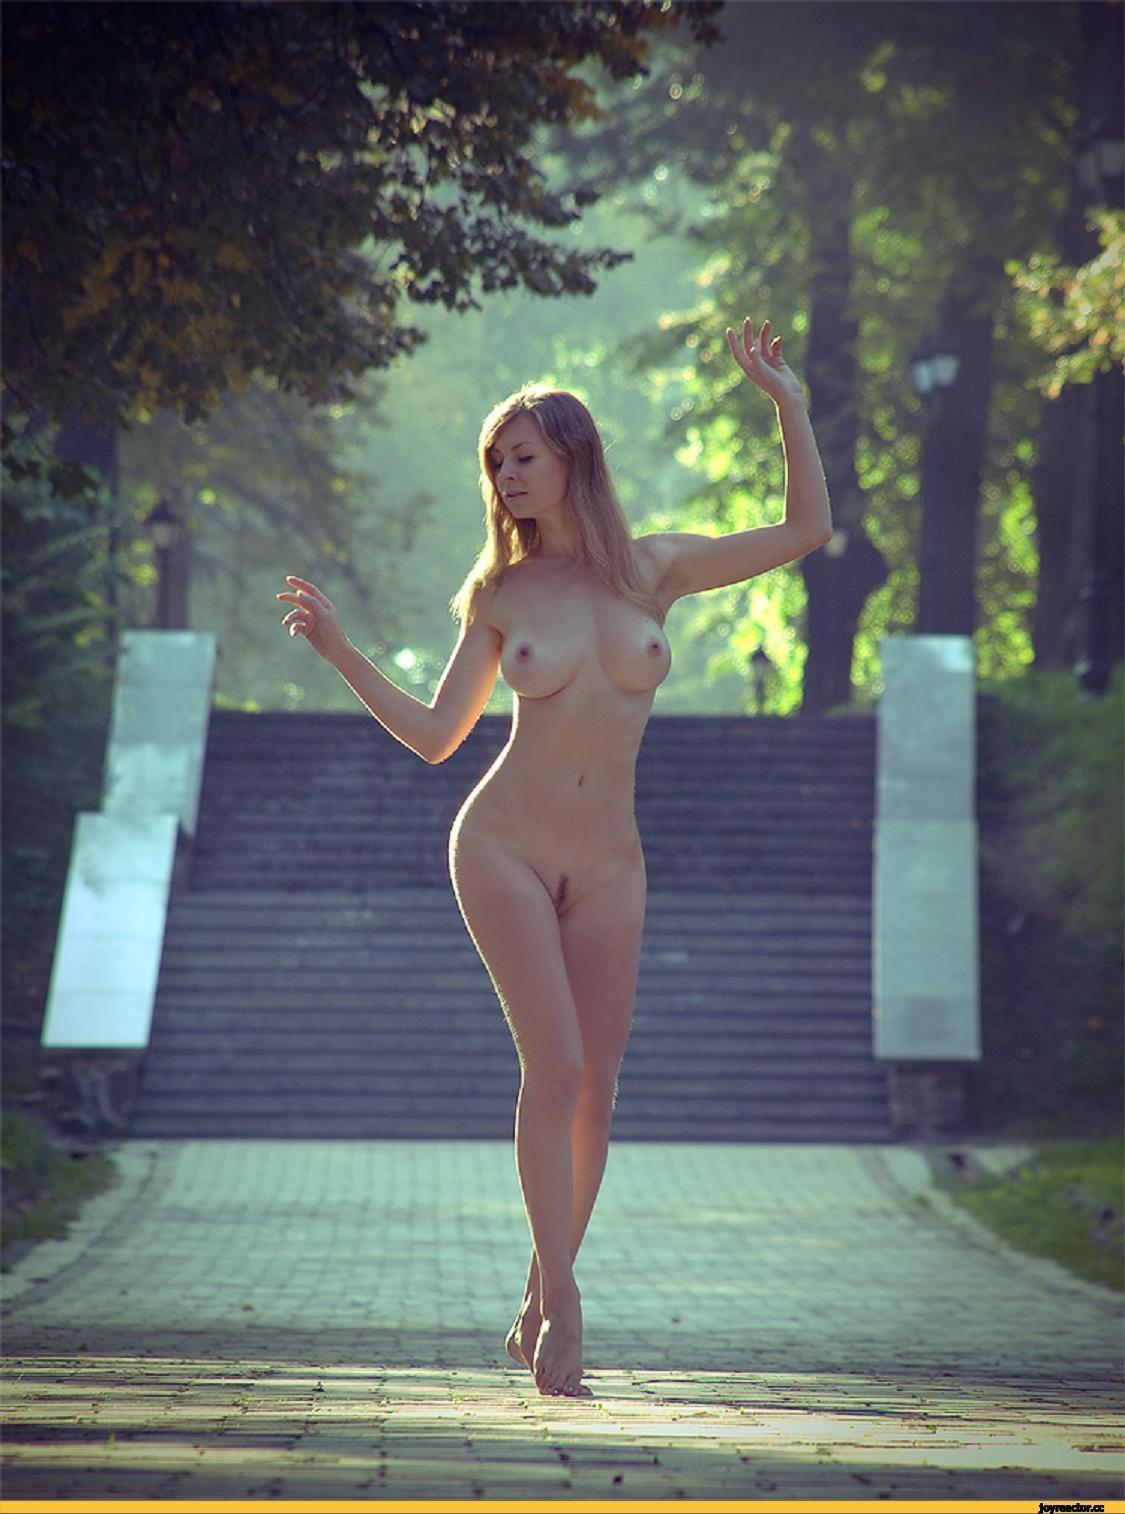 blond park public nudity nsfw - ukimalefu | ello